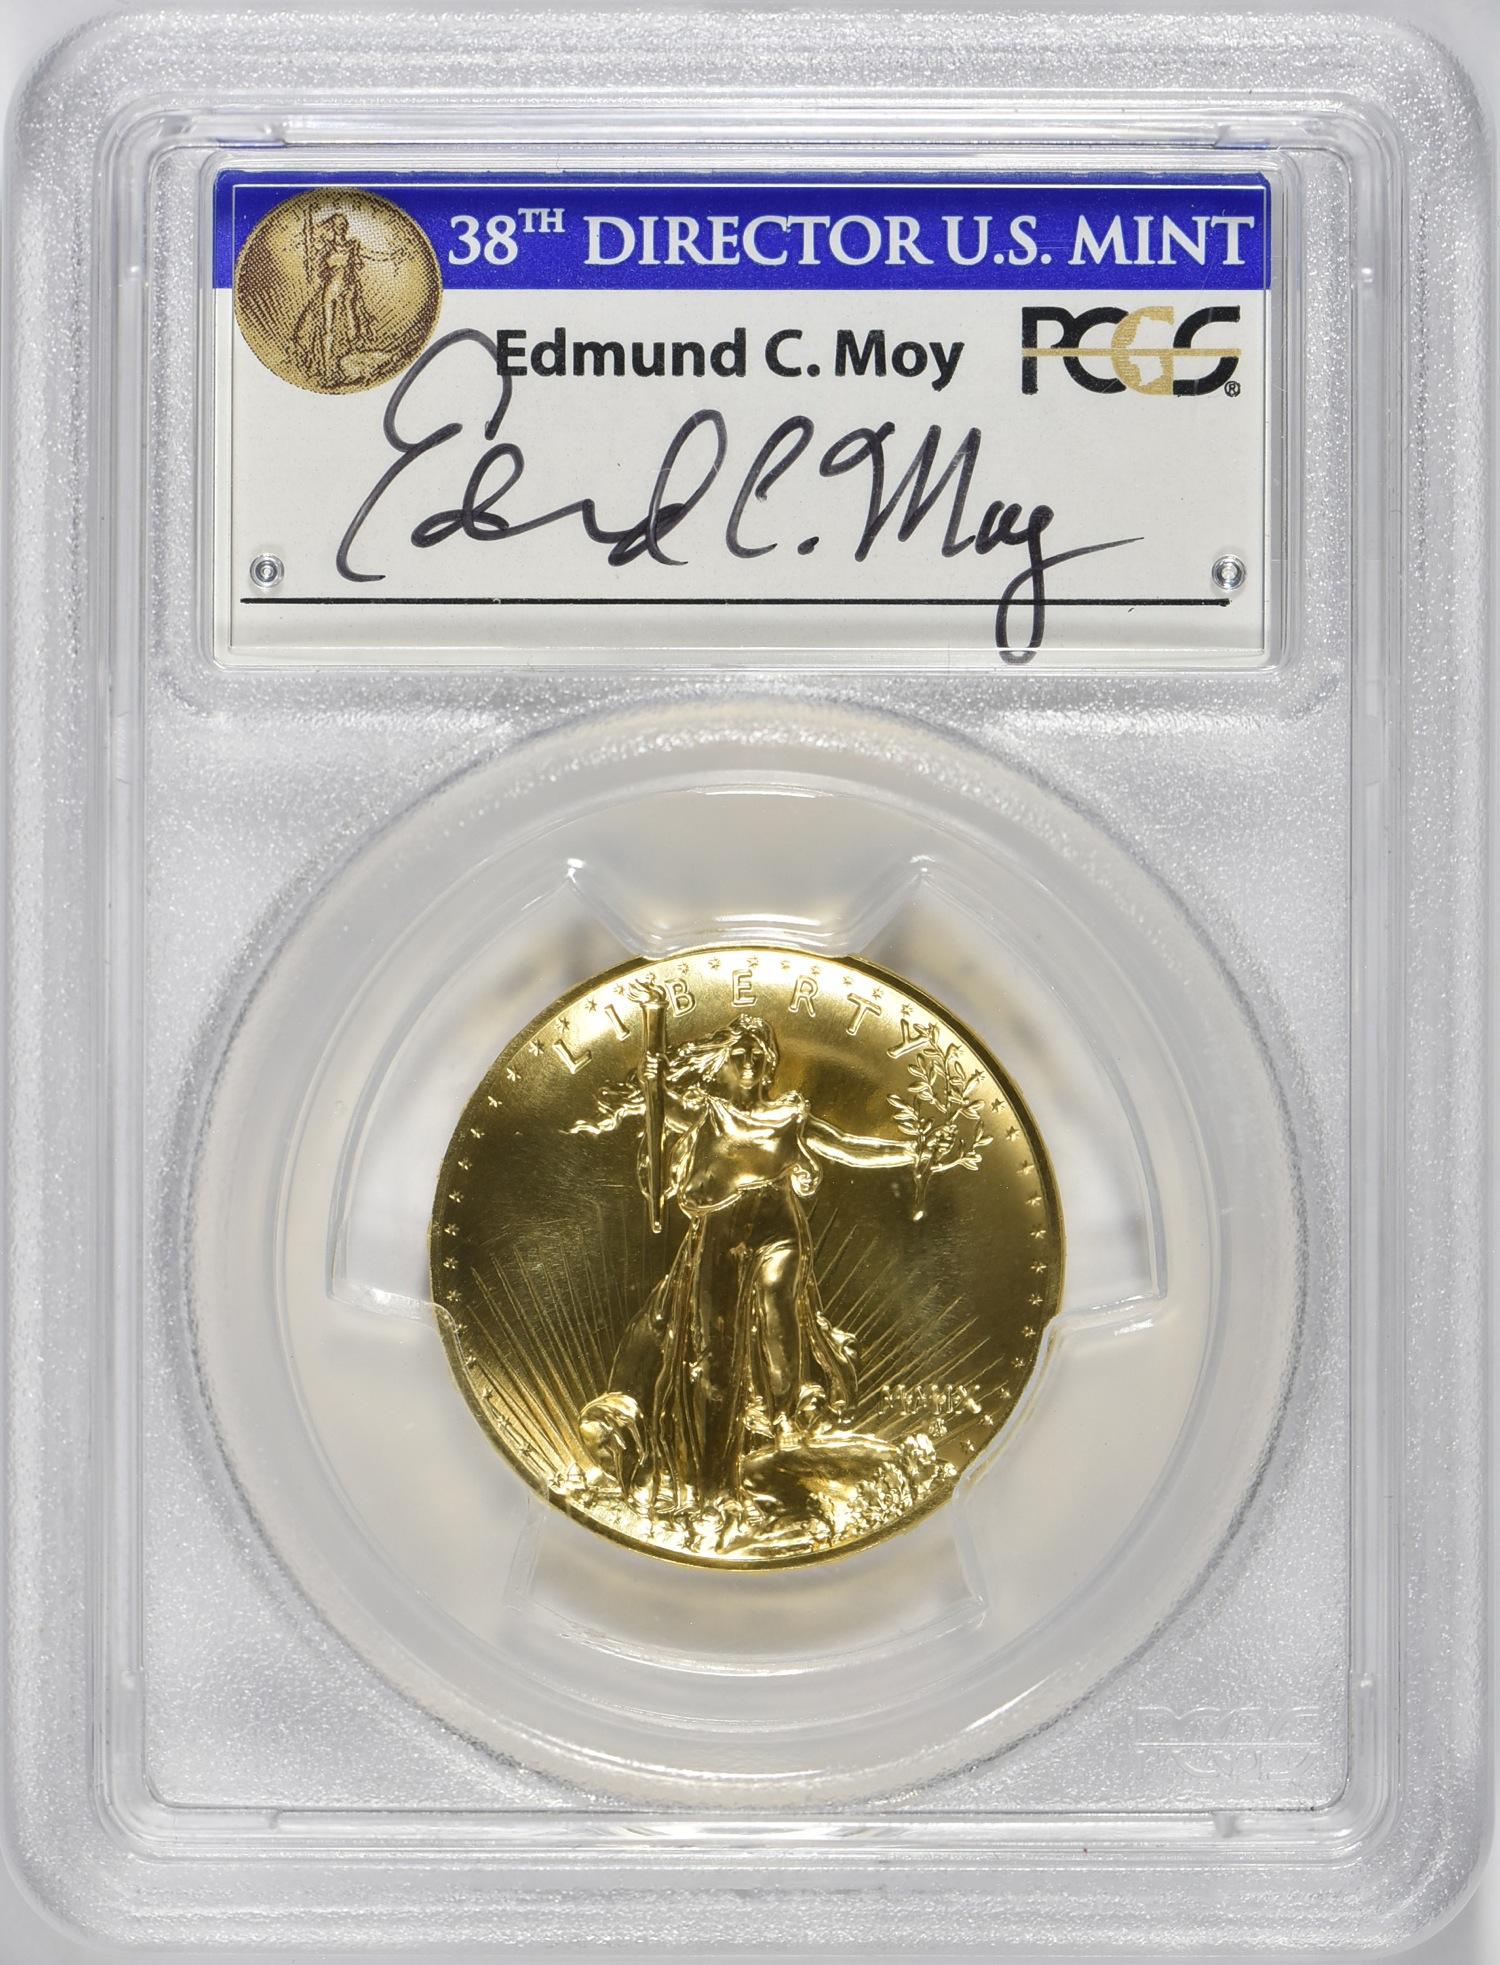 【動画あり】2009ウルトラハイリリーフ金貨 PCGS-MS70 Edmund C. Moyサイン入り